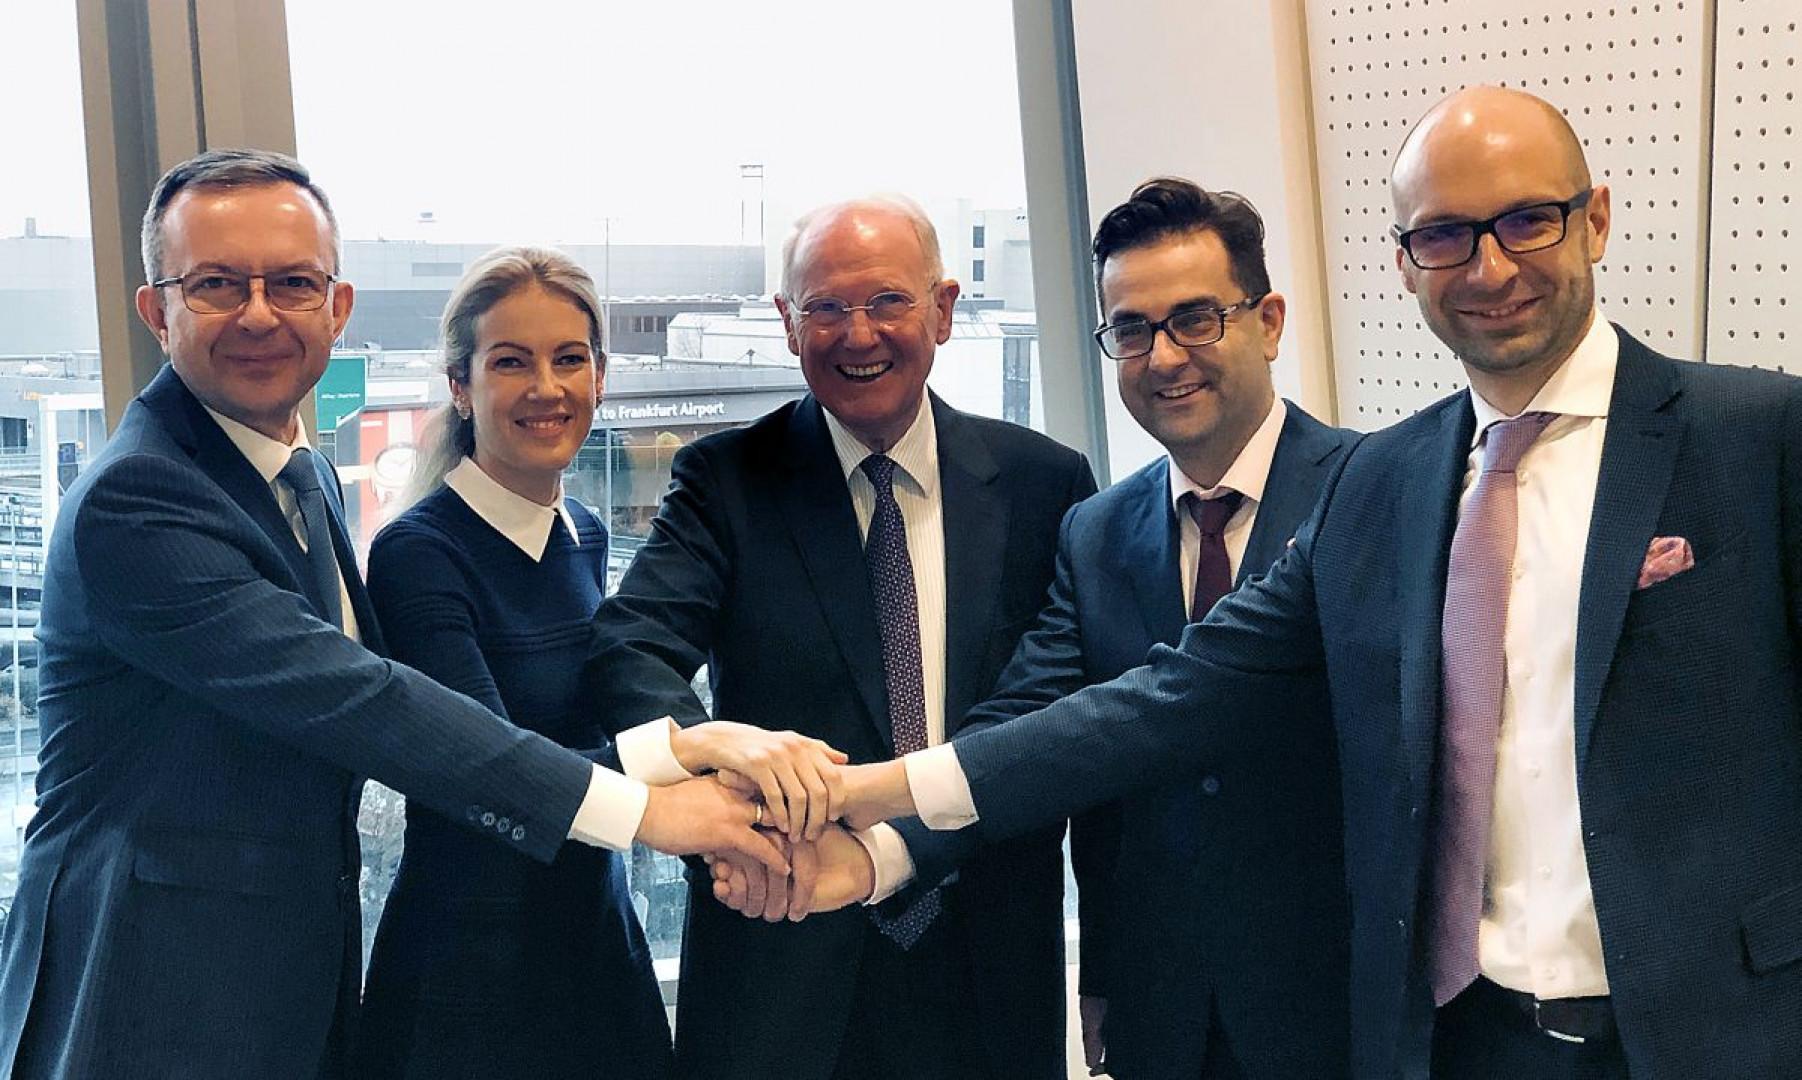 Od lewej: Adam Krzanowski, Ricarda Kusch, Dieter Kusch, Rafał Chwast, Roman Przybylski. Fot. Grupa Nowy Styl